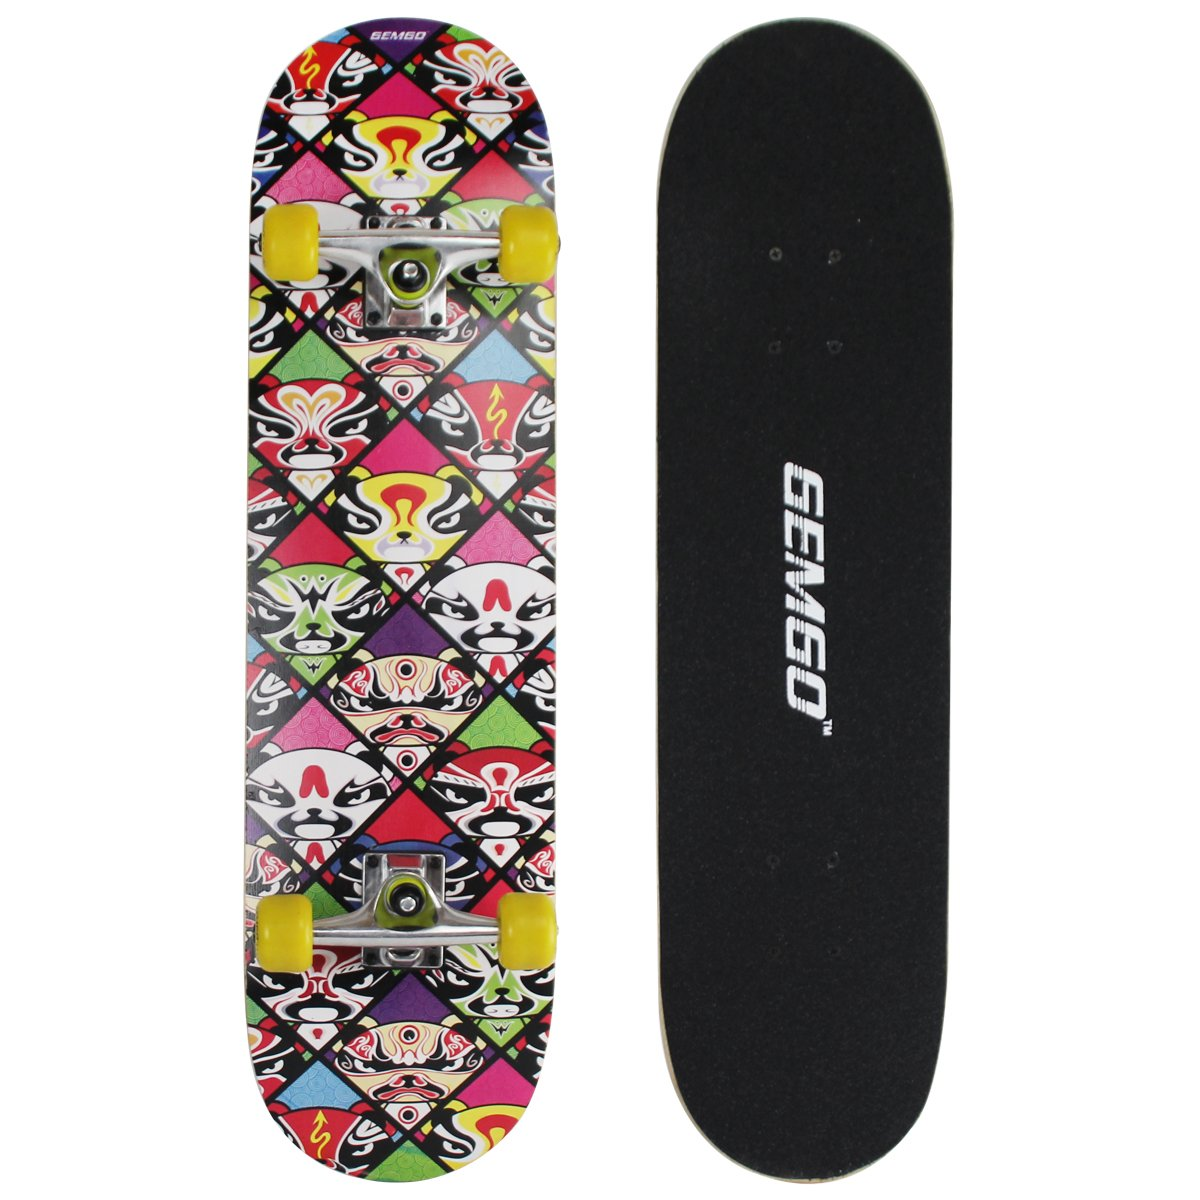 Gemgo Win.MAX Klassik Skateboard Skate Board Komplettboard Deck Funboard Holzboard ABEC-7